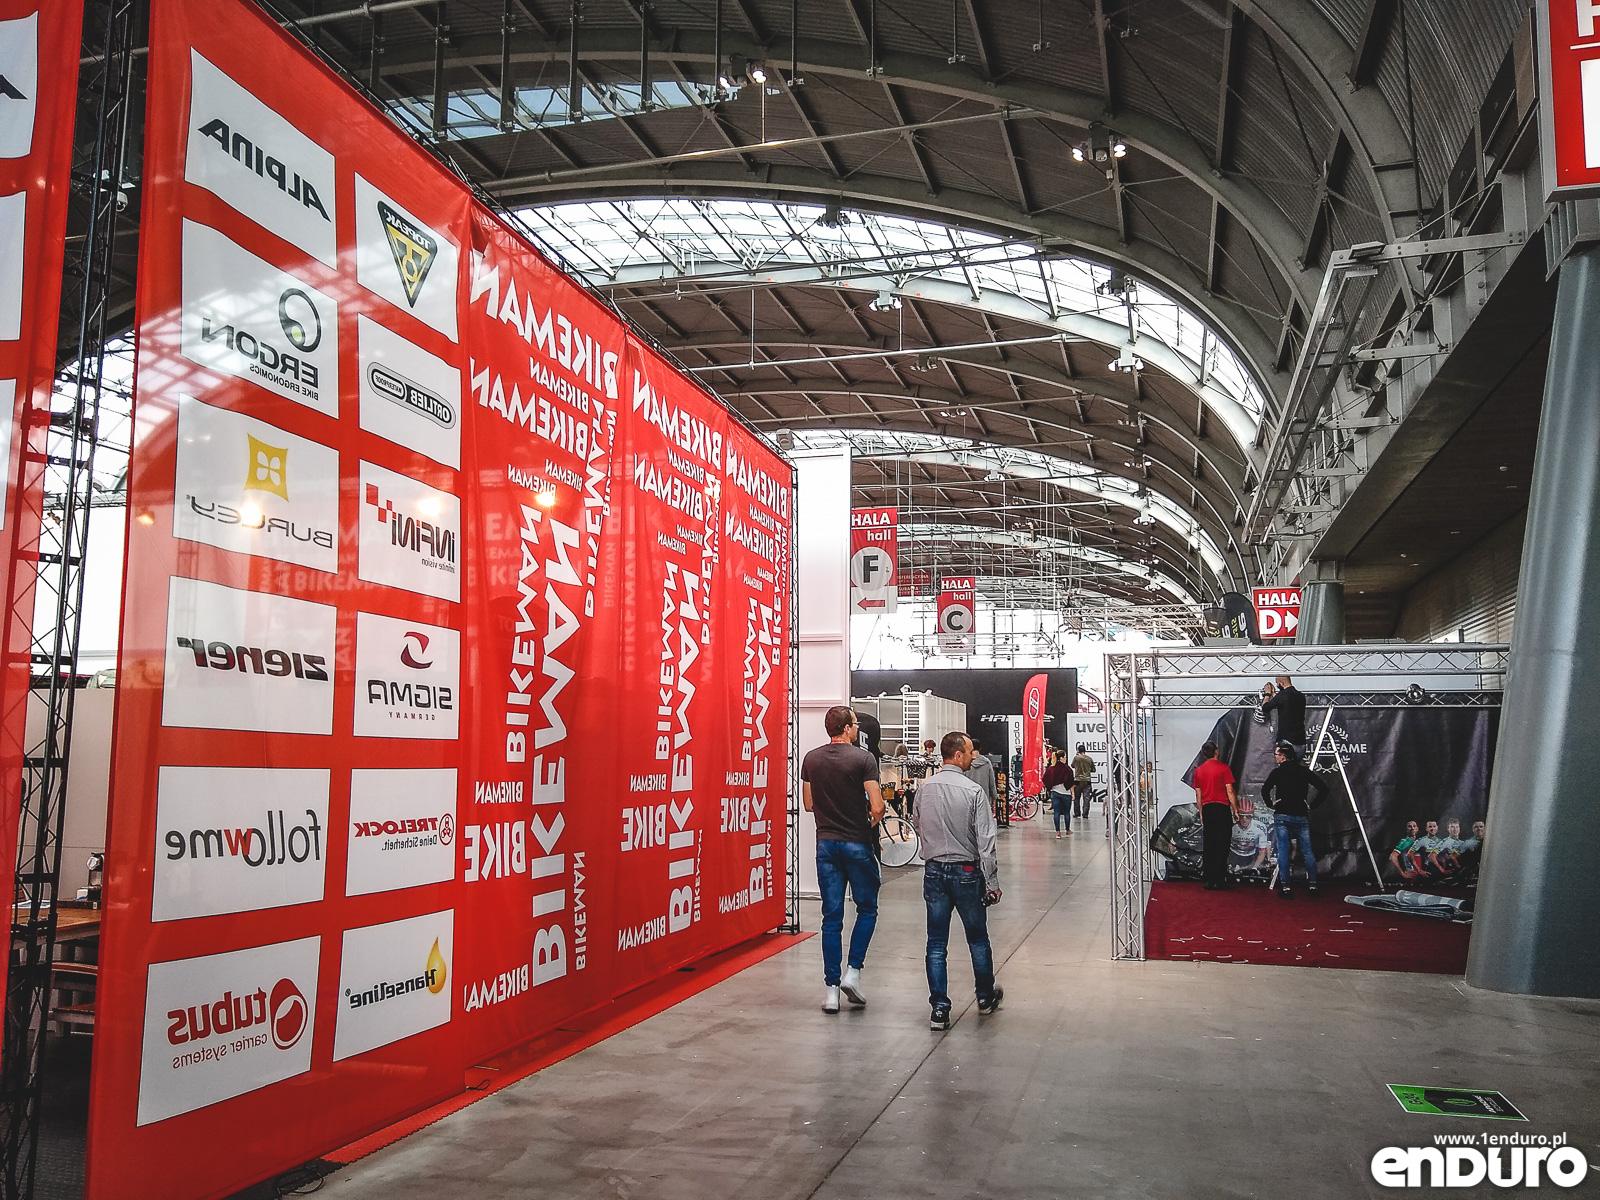 6be76c2991c95 Ano dlatego, że targi Kielce Bike Expo z roku na rok chudną. Zacznijmy od  tego, czego na nich… nie było. Wielcy nieobecni 2018 to między innymi Kross  (do ...